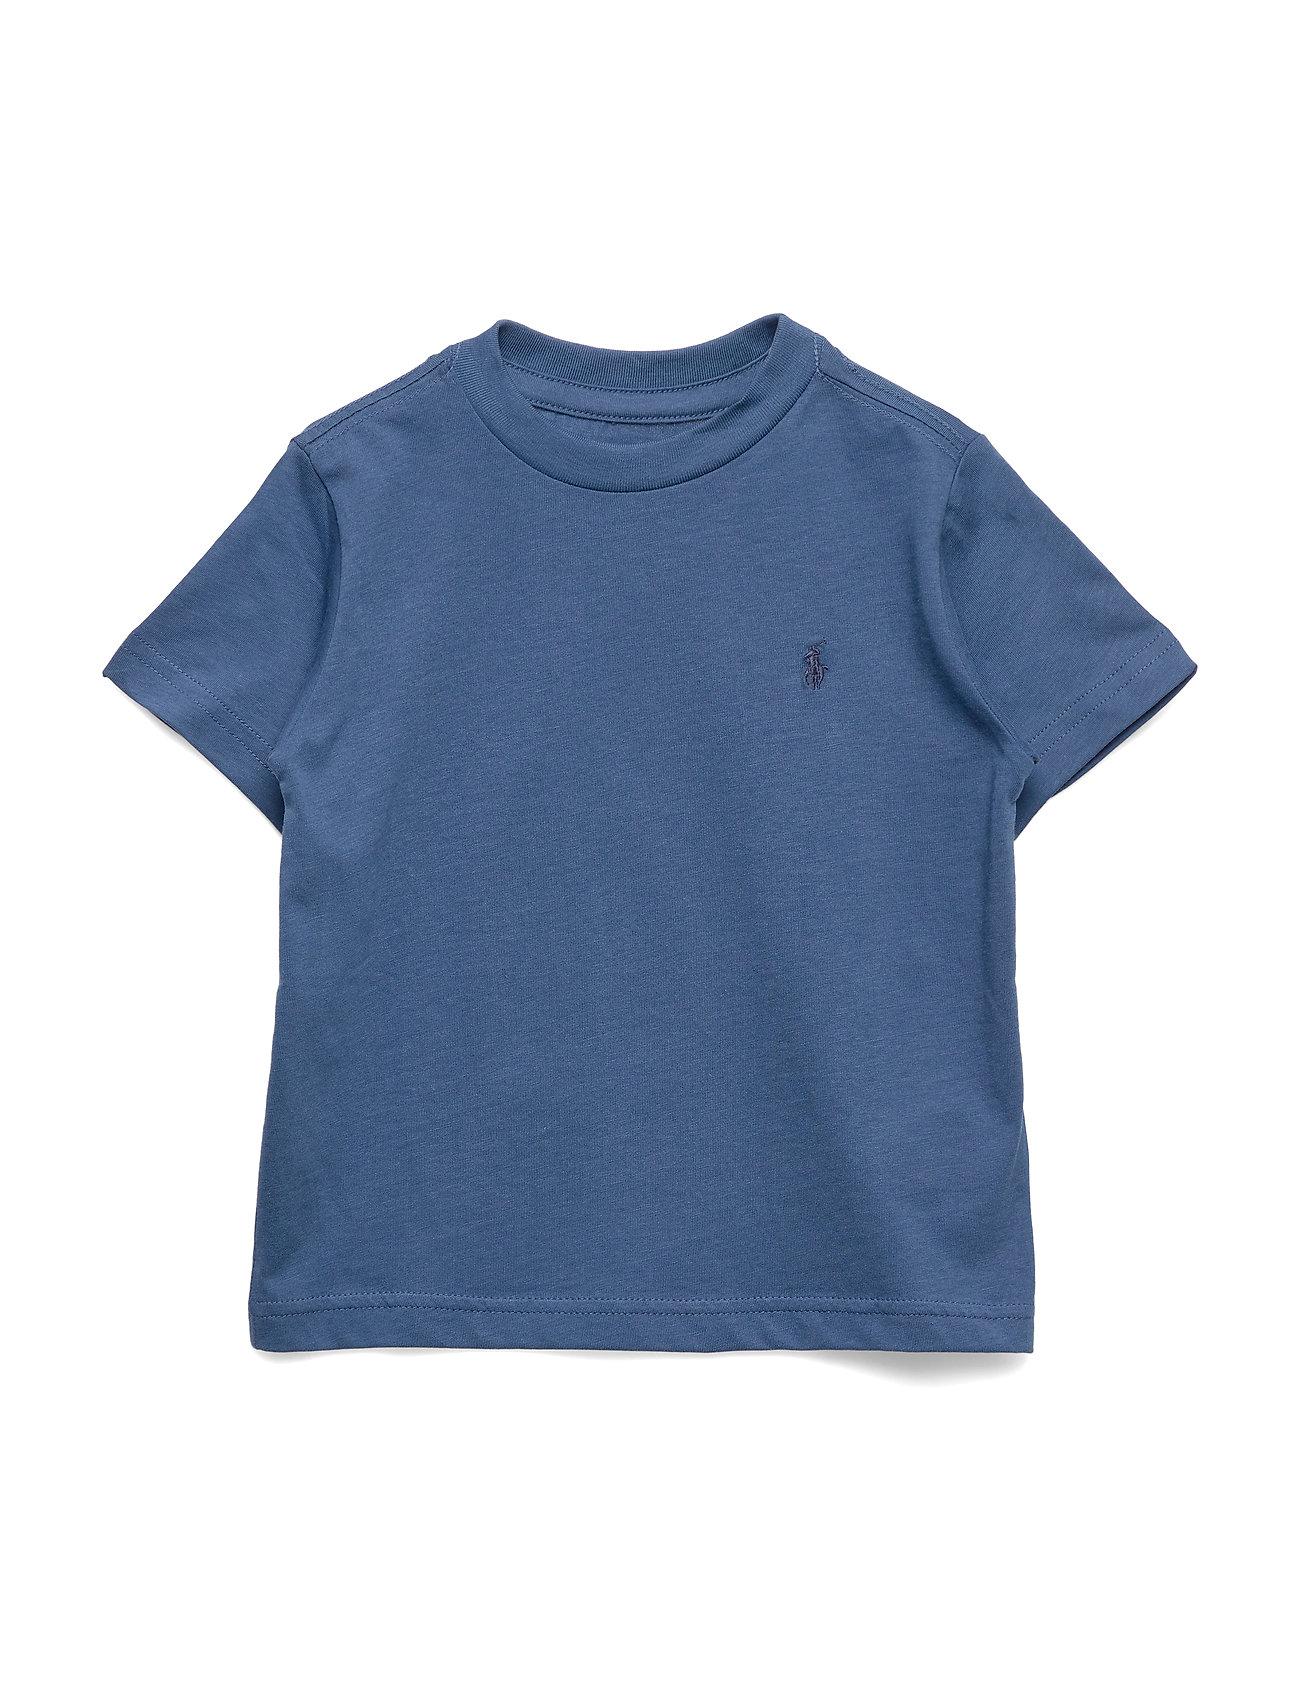 Ralph Lauren Kids Cotton Jersey Crewneck T-Shirt - FEDERAL BLUE